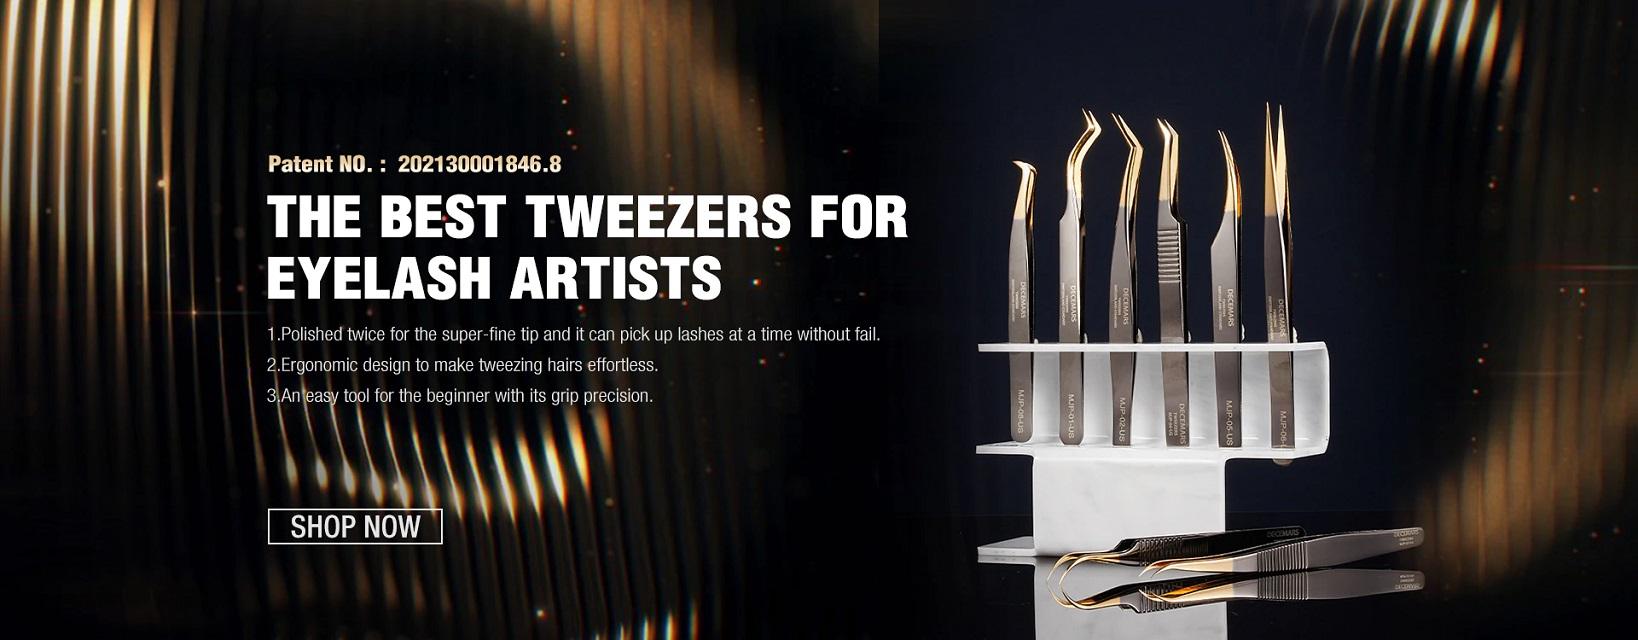 eyelash-tweezers